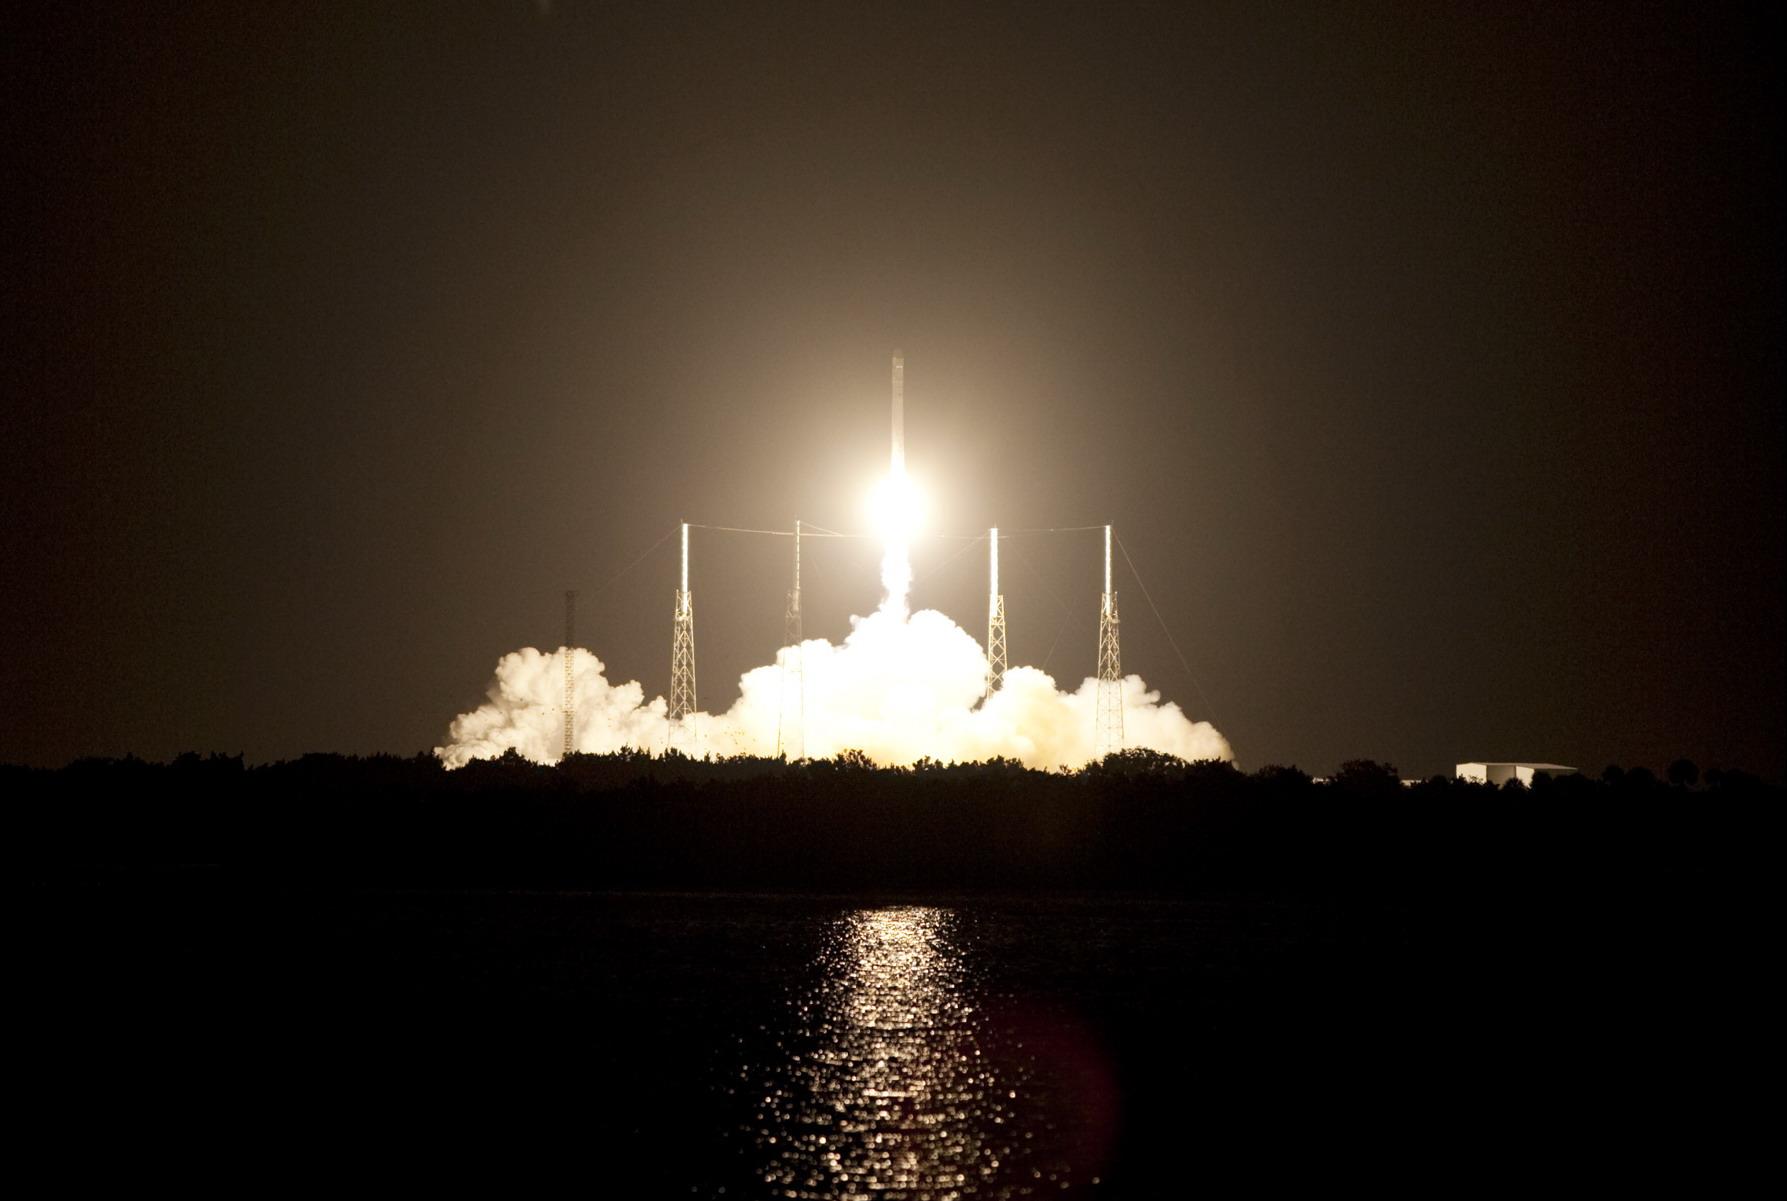 Сотрудники компании SpaceX будут работать на Луне (3 фото)